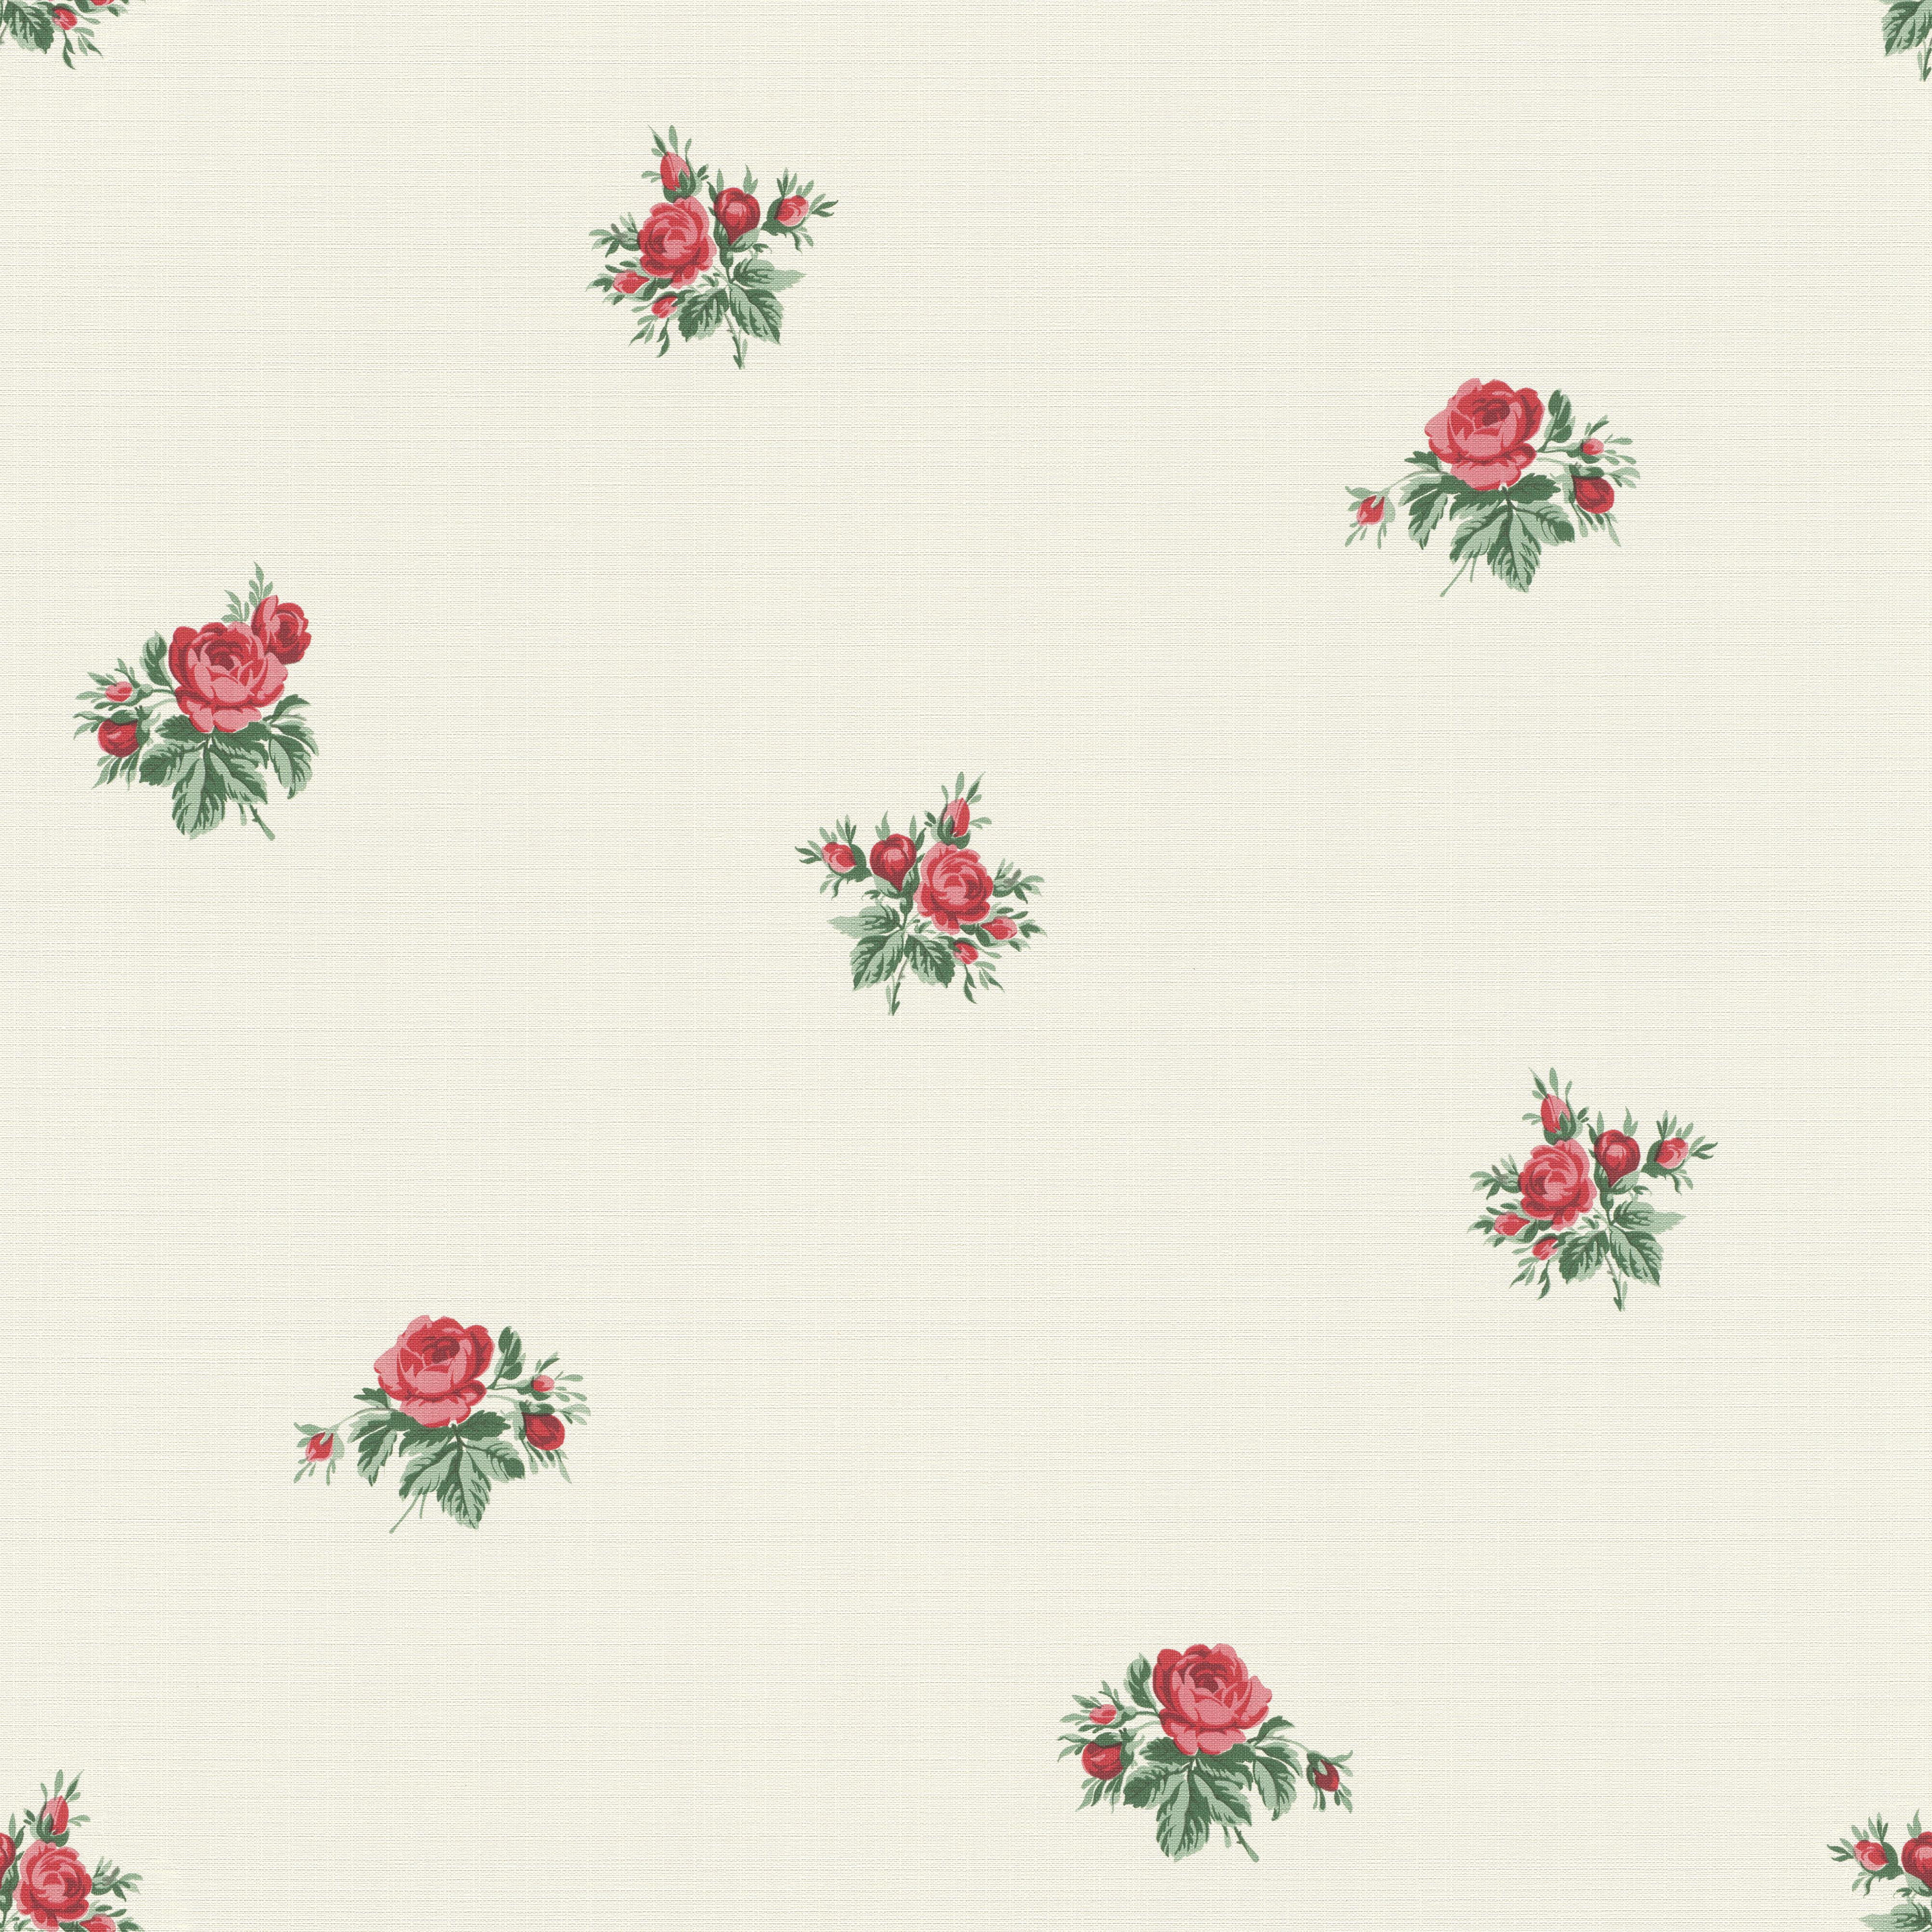 Provance vintage rózsamintás tapéta piros rózsákkal